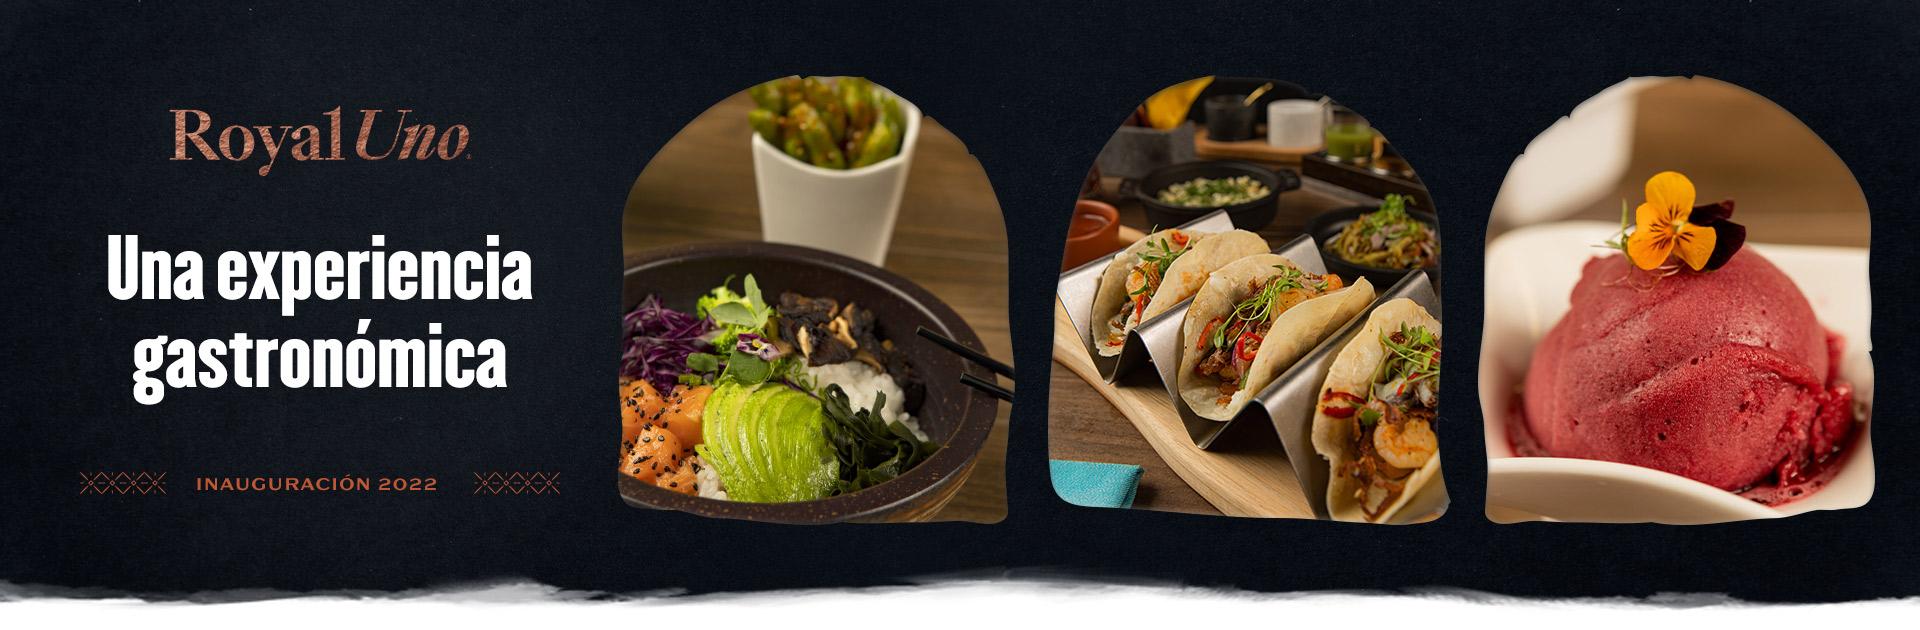 Royal Uno Resort conoce la Gastronomía que ofrecemos en nuestro Todo Incluido